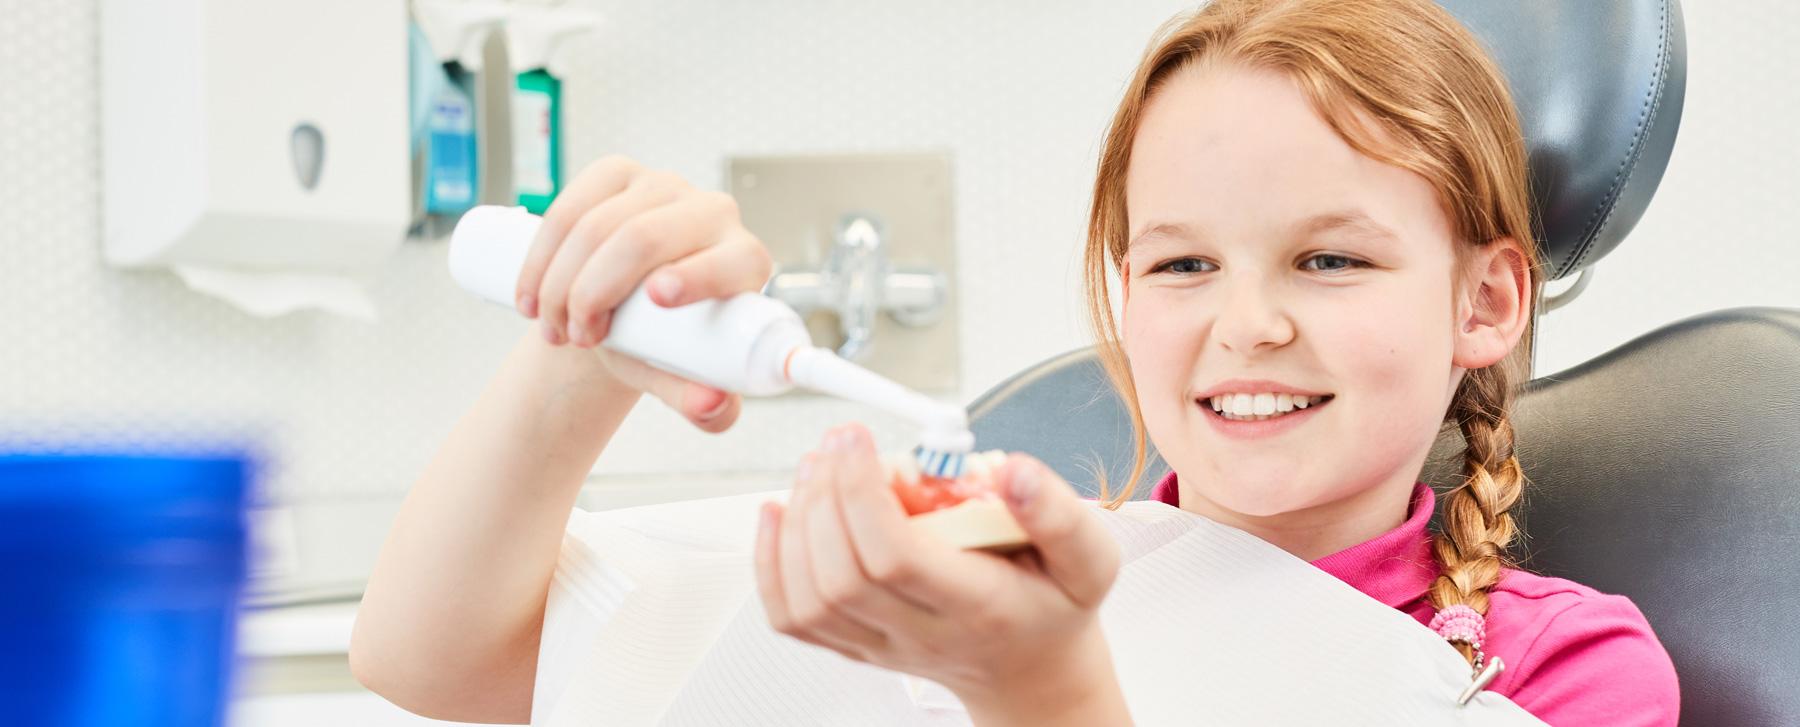 Zahnarzt Dr. Schraivogel - Behandlung 5